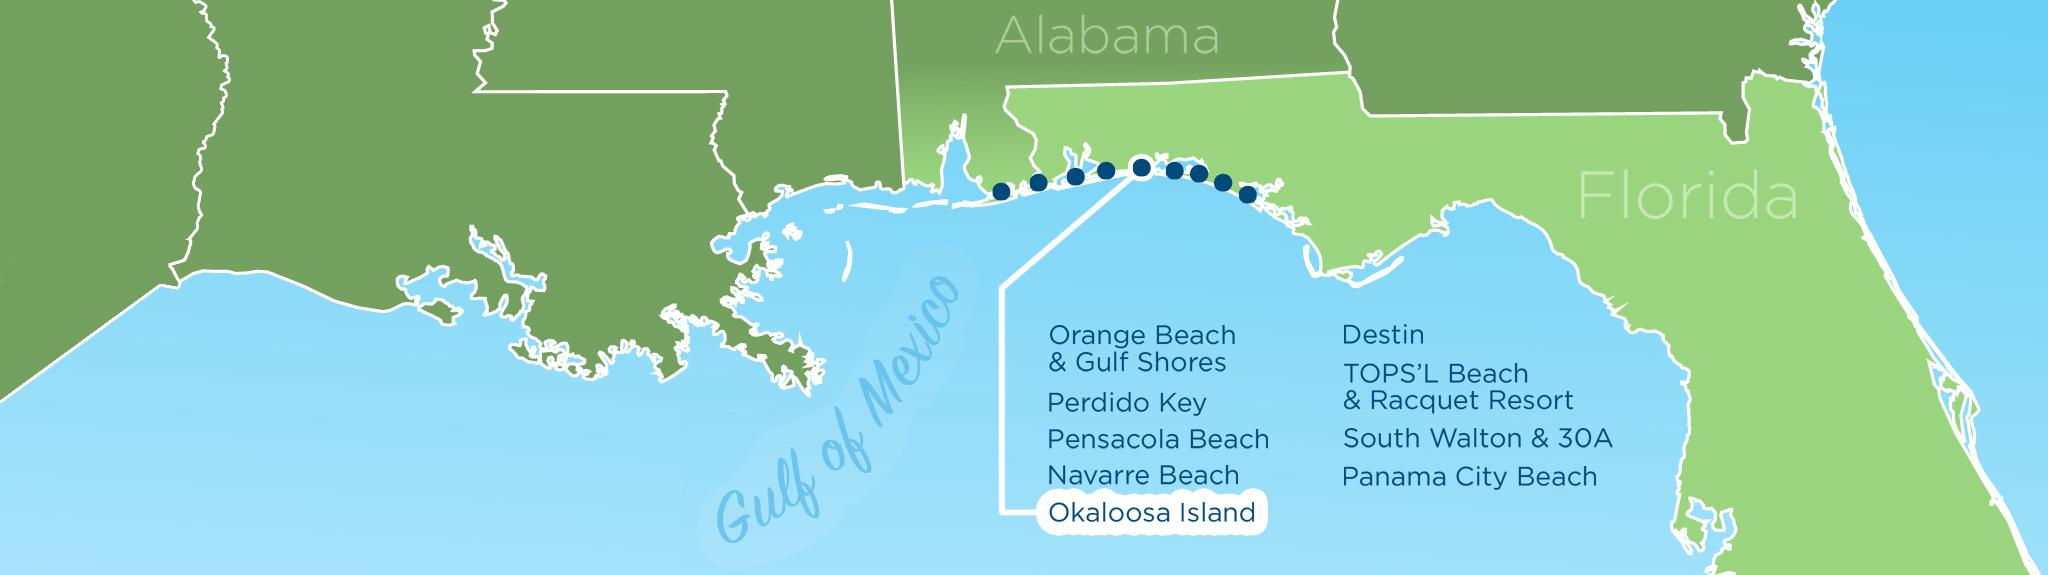 Resortquest Real Estate Nw Fl Amp Al Gulf Coast Condos And